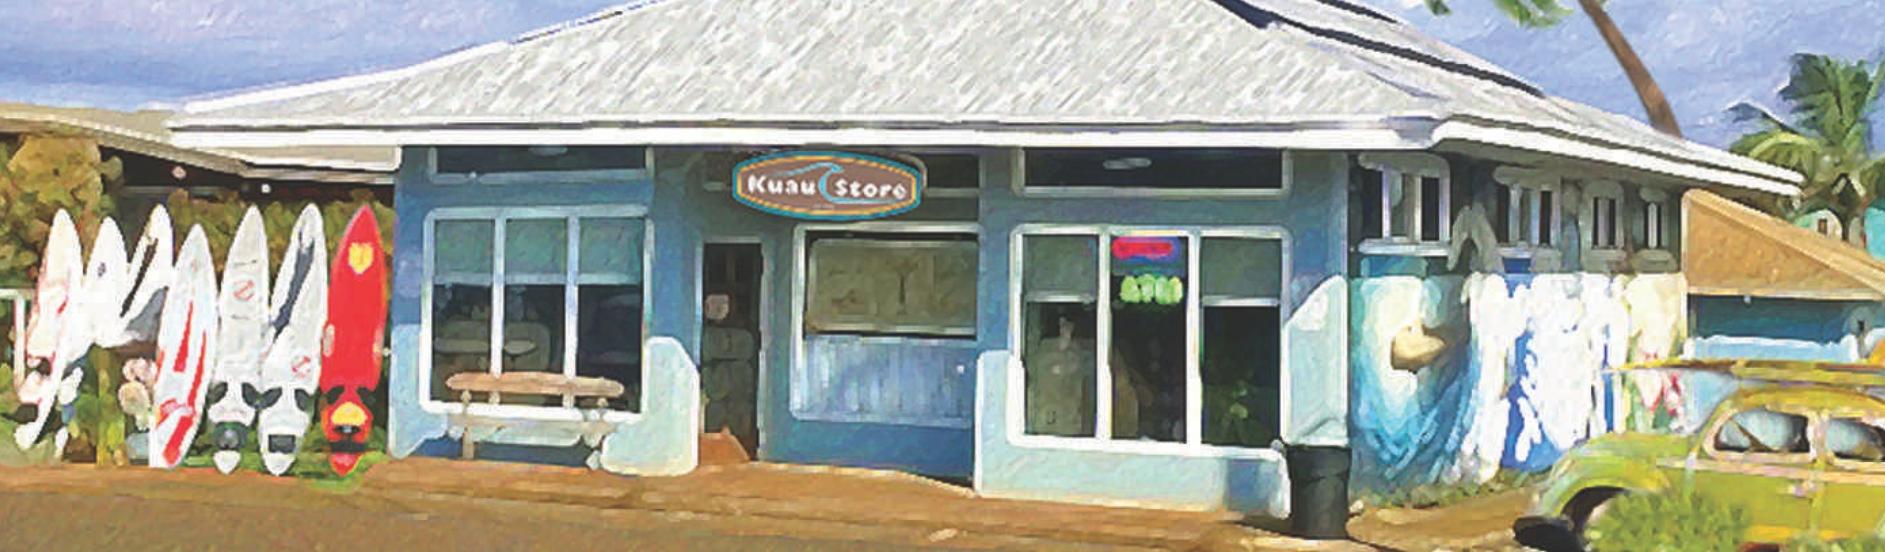 Kuau Store Deli & Market